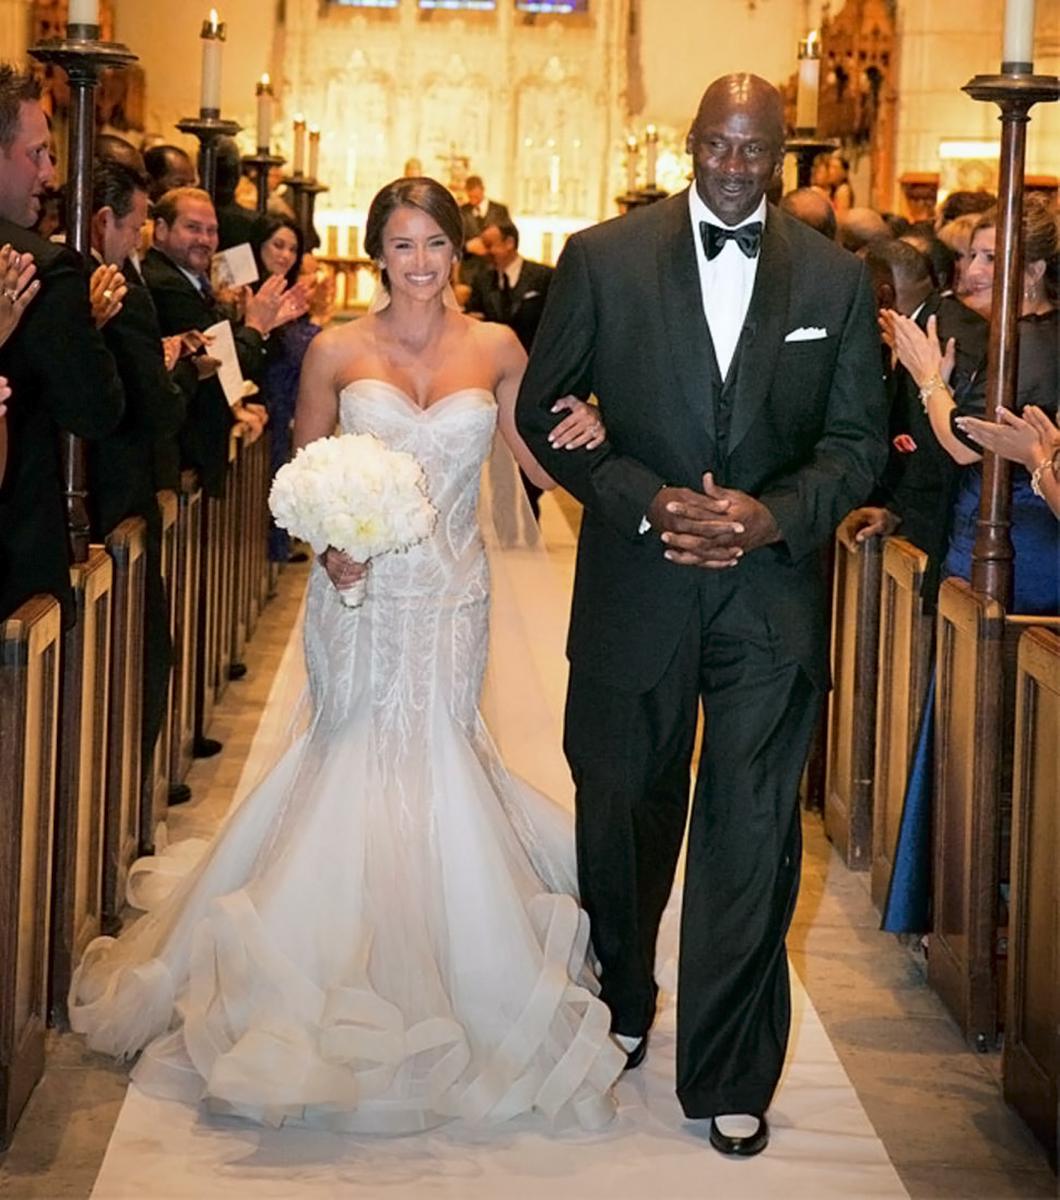 Майкл Джордан со своей новой женой Иветт Прието